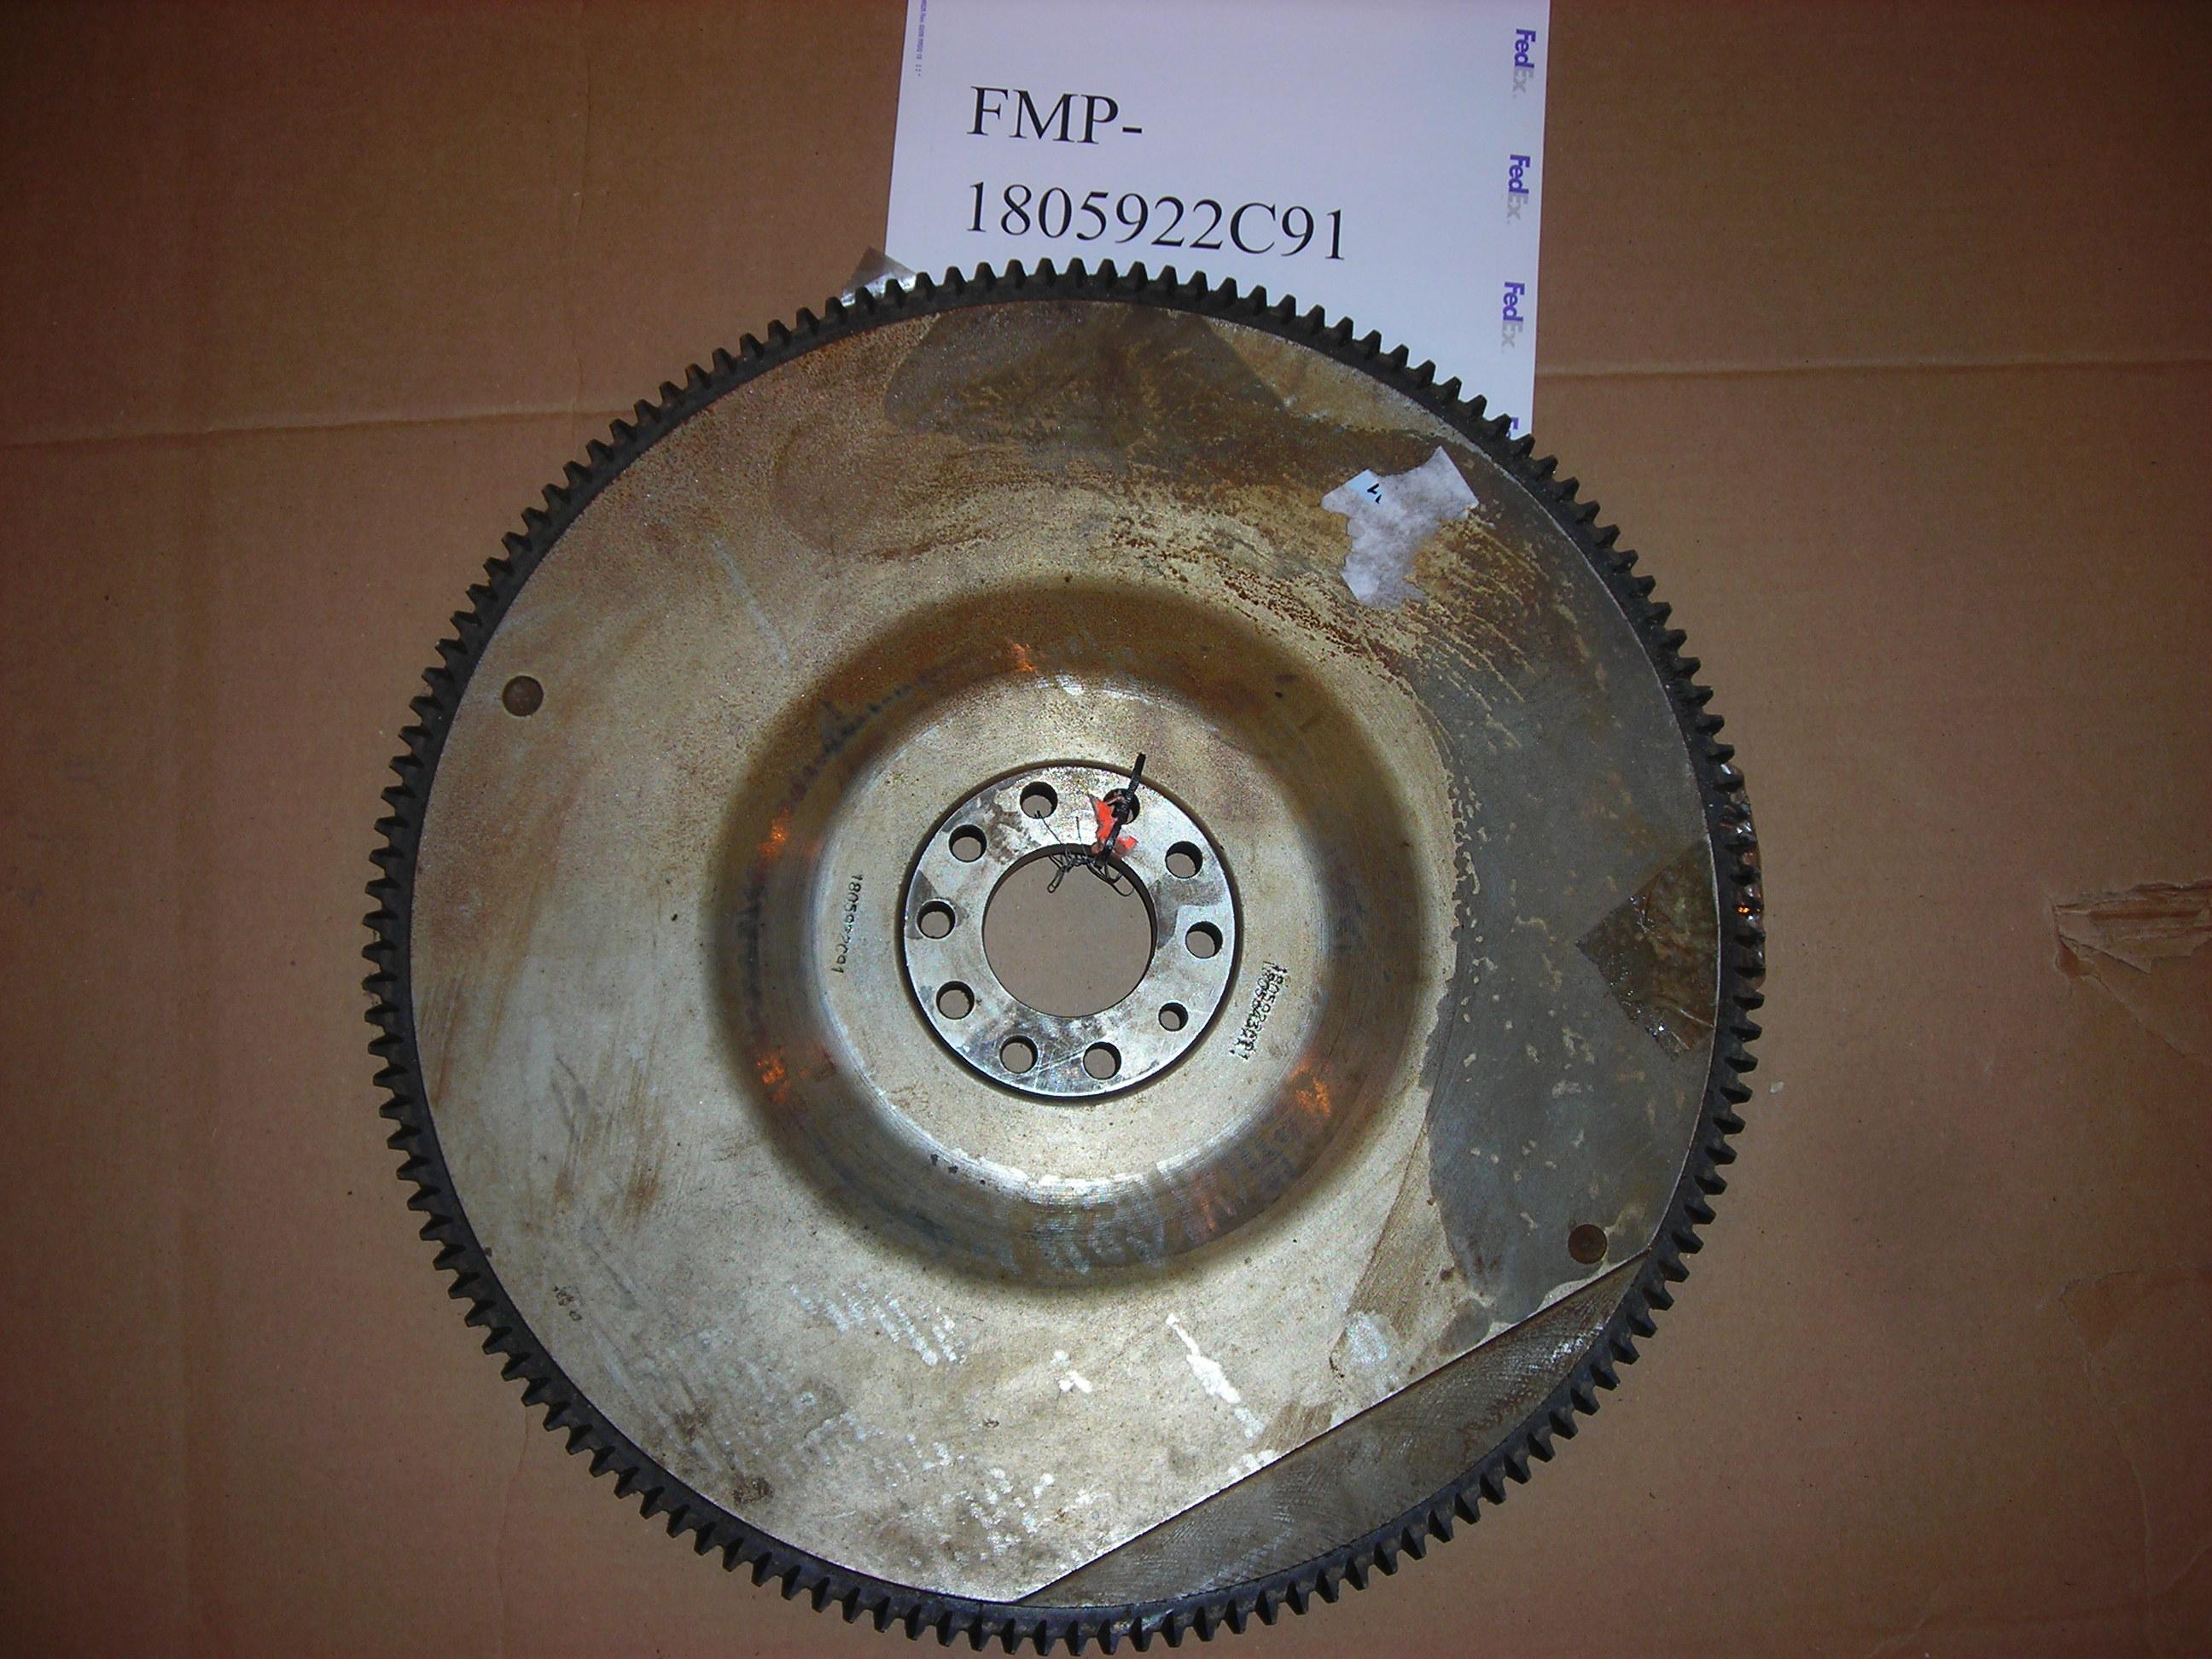 1805922C91 Navistar International Flywheel Rear